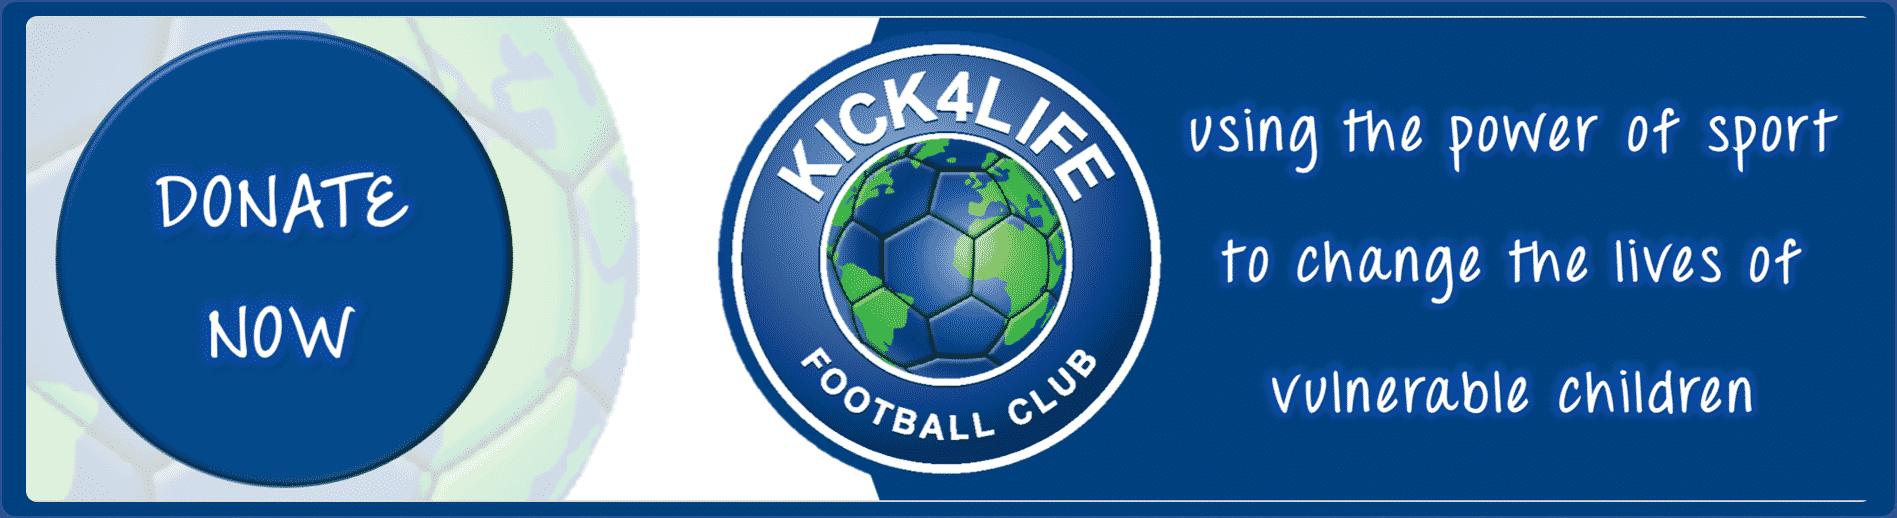 Kick 4 Life